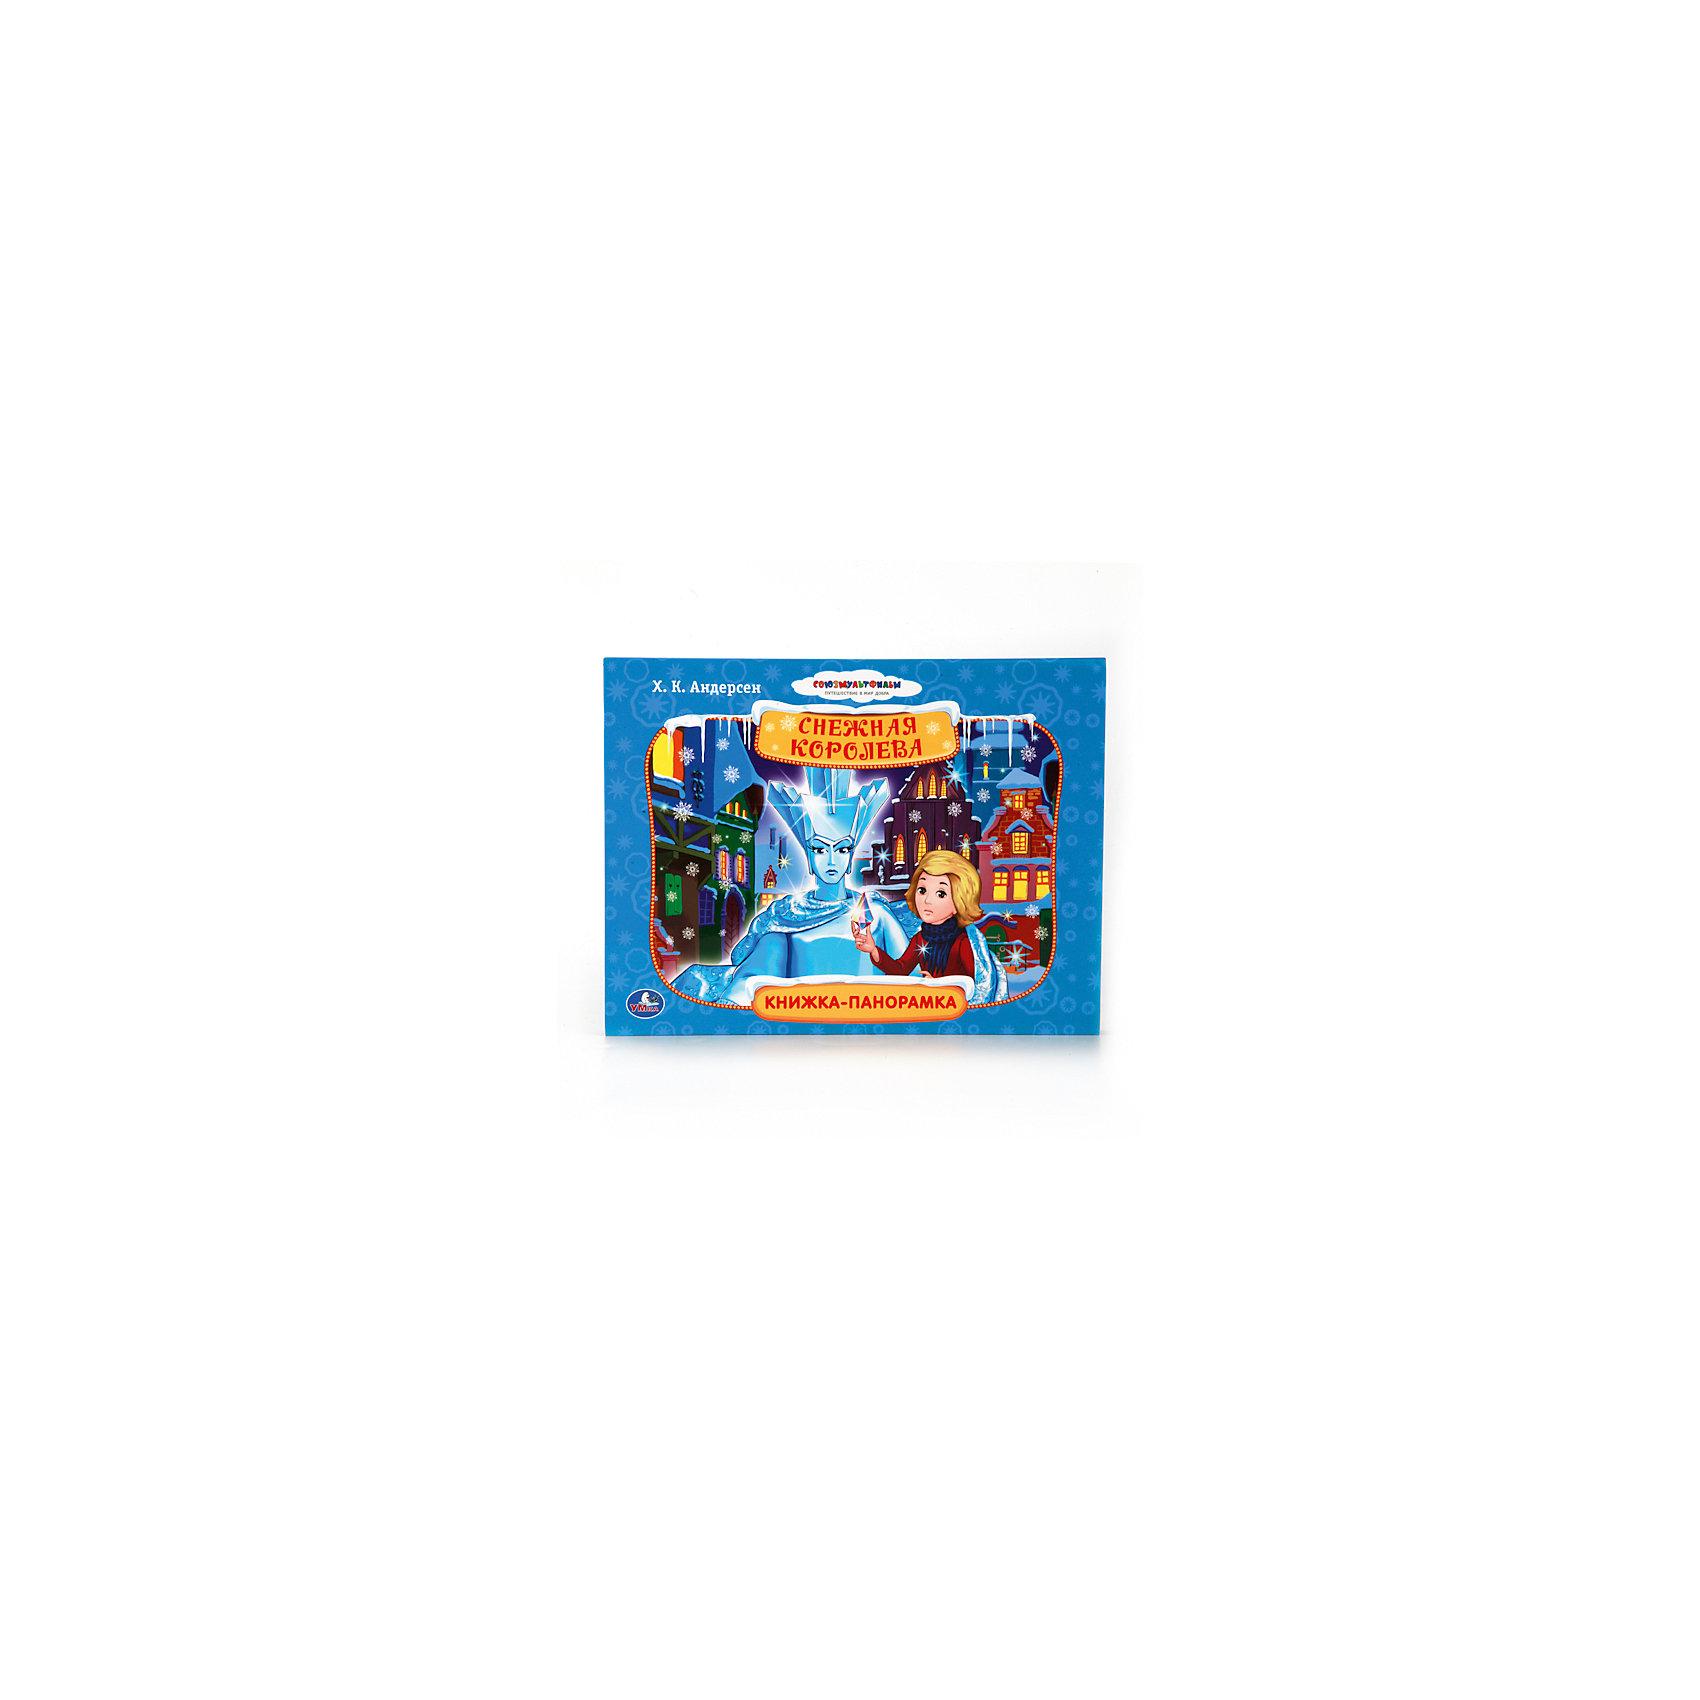 Книжка-панорамка Снежная королеваХарактеристики товара:<br><br>• размер: 26x20 см<br>• материал: картон<br>• страниц: 12<br>• возраст: 0+<br>• обложка: твердая<br>• цветные иллюстрации<br>• страна бренда: РФ<br>• страна изготовитель: РФ<br><br>Сказки и стихи не только развлекают малышей, они помогают учиться и познавать мир! Такая книжка станет отличным подарком ребенку и родителям - ведь с помощью неё можно учиться добру и рассматривать картинки. Формат - очень удобный, качество печати - отличное! Книжка дополнена яркими картинками. Книжки-панорамки особенно нравятся малышам.<br>Чтение даже в юном возрасте помогает детям развивать важные навыки и способности, оно активизирует мышление, формирует усидчивость, логику и воображение. Изделие производится из качественных и проверенных материалов, которые безопасны для детей.<br><br>Книжку-панорамку Снежная королева от бренда Умка можно купить в нашем интернет-магазине.<br><br>Ширина мм: 15<br>Глубина мм: 260<br>Высота мм: 200<br>Вес г: 400<br>Возраст от месяцев: 24<br>Возраст до месяцев: 60<br>Пол: Женский<br>Возраст: Детский<br>SKU: 5196896